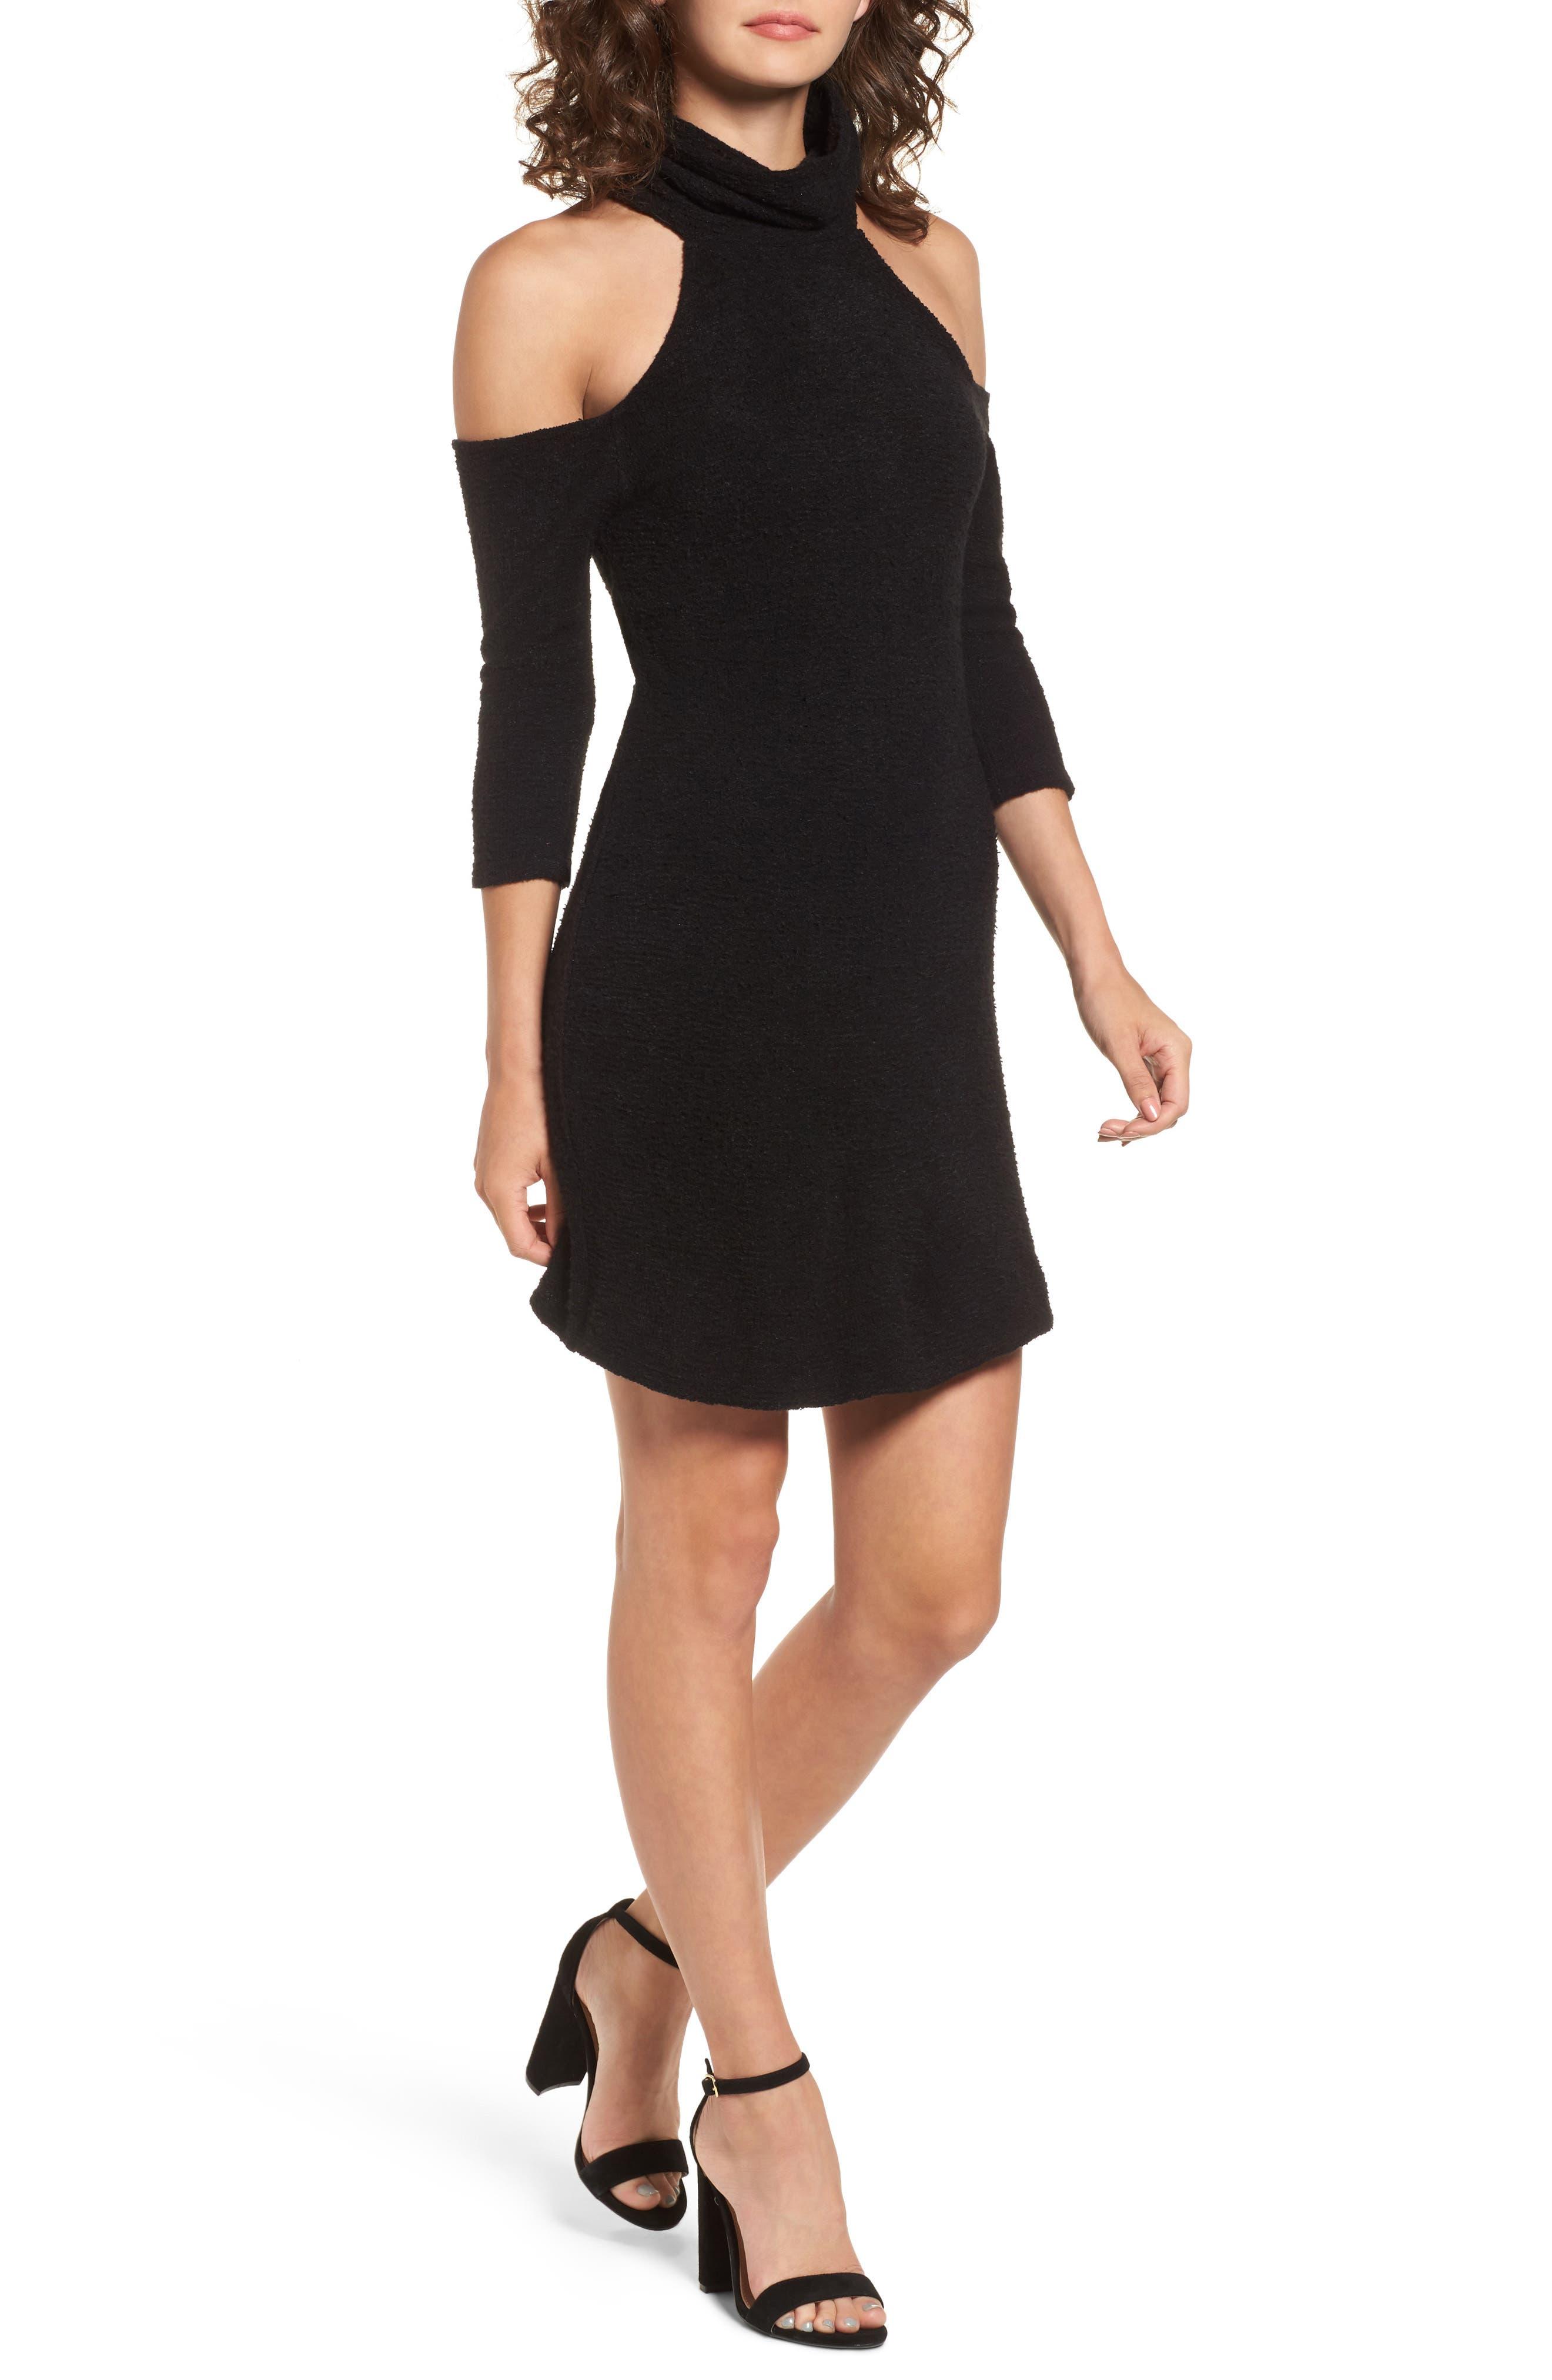 Alternate Image 1 Selected - Everly Cold Shoulder Turtlenck Sweater Dress